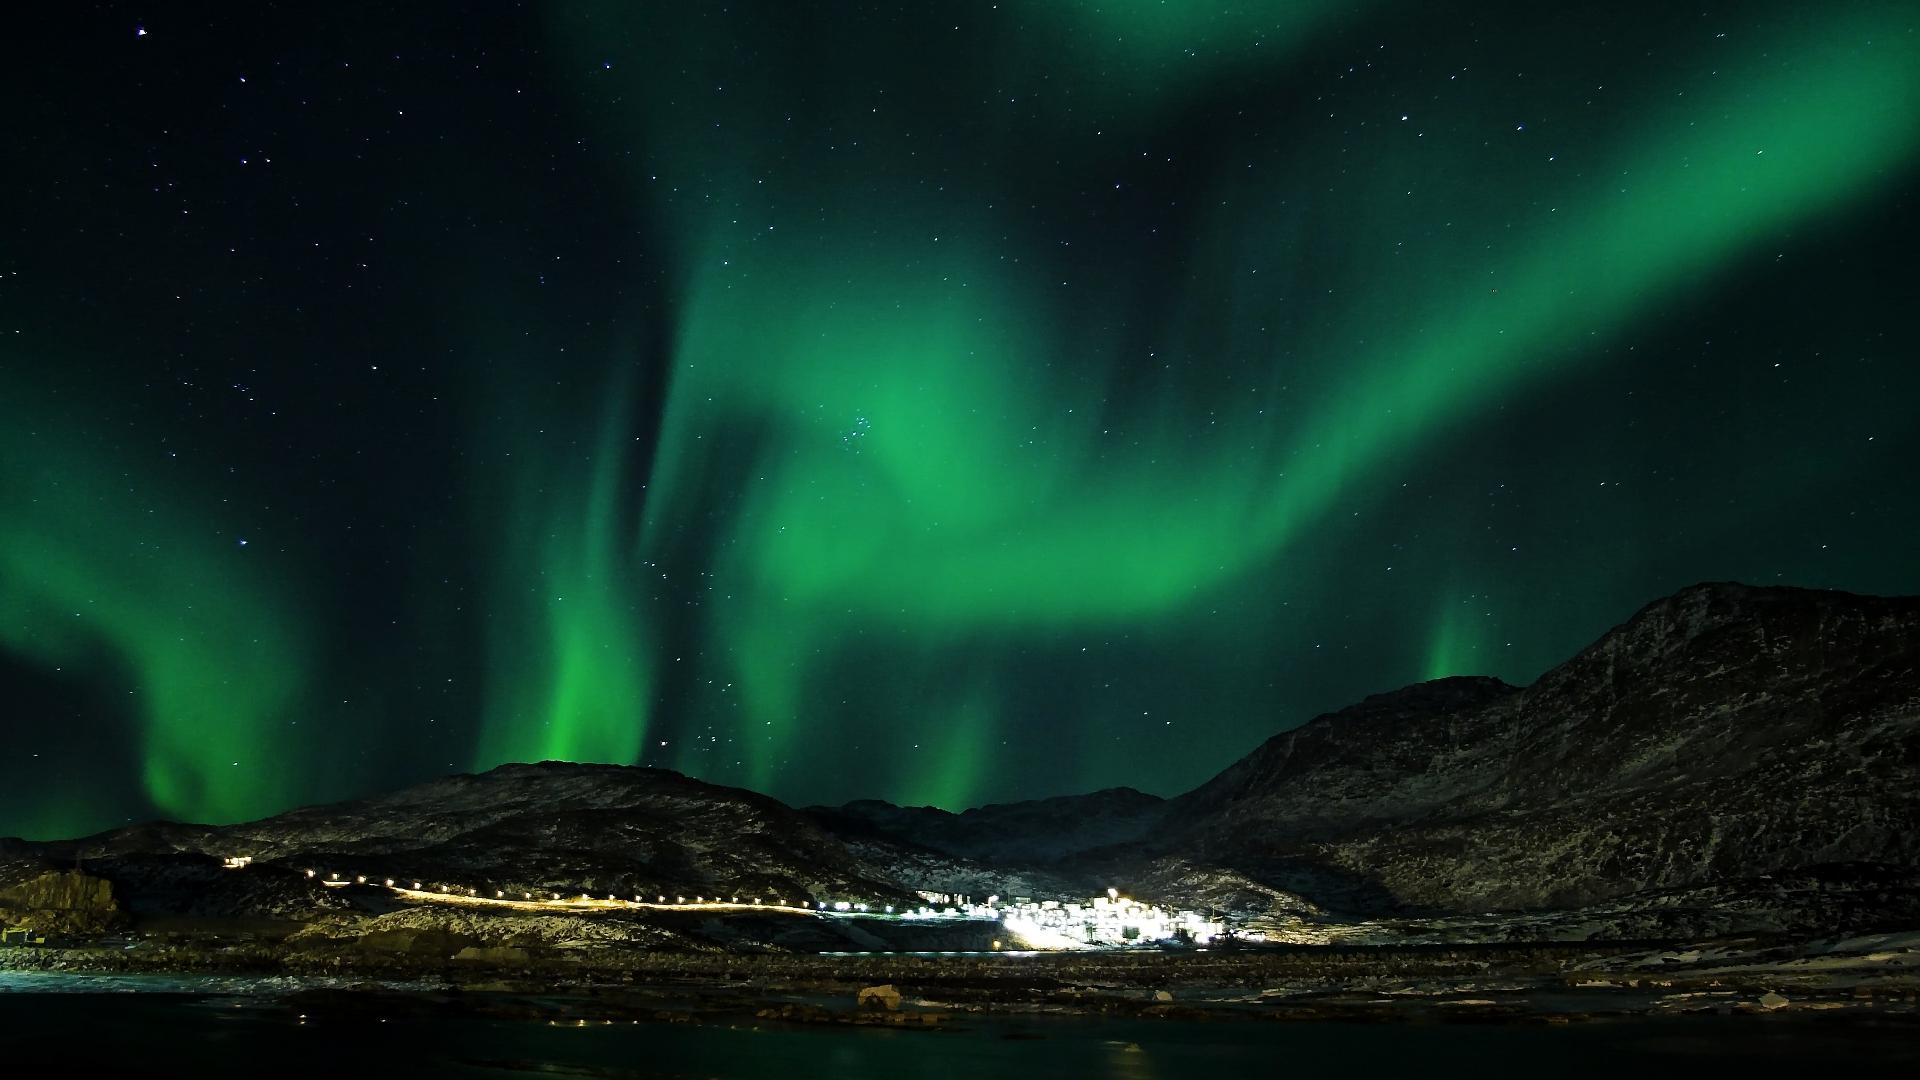 aurora wallpaper green